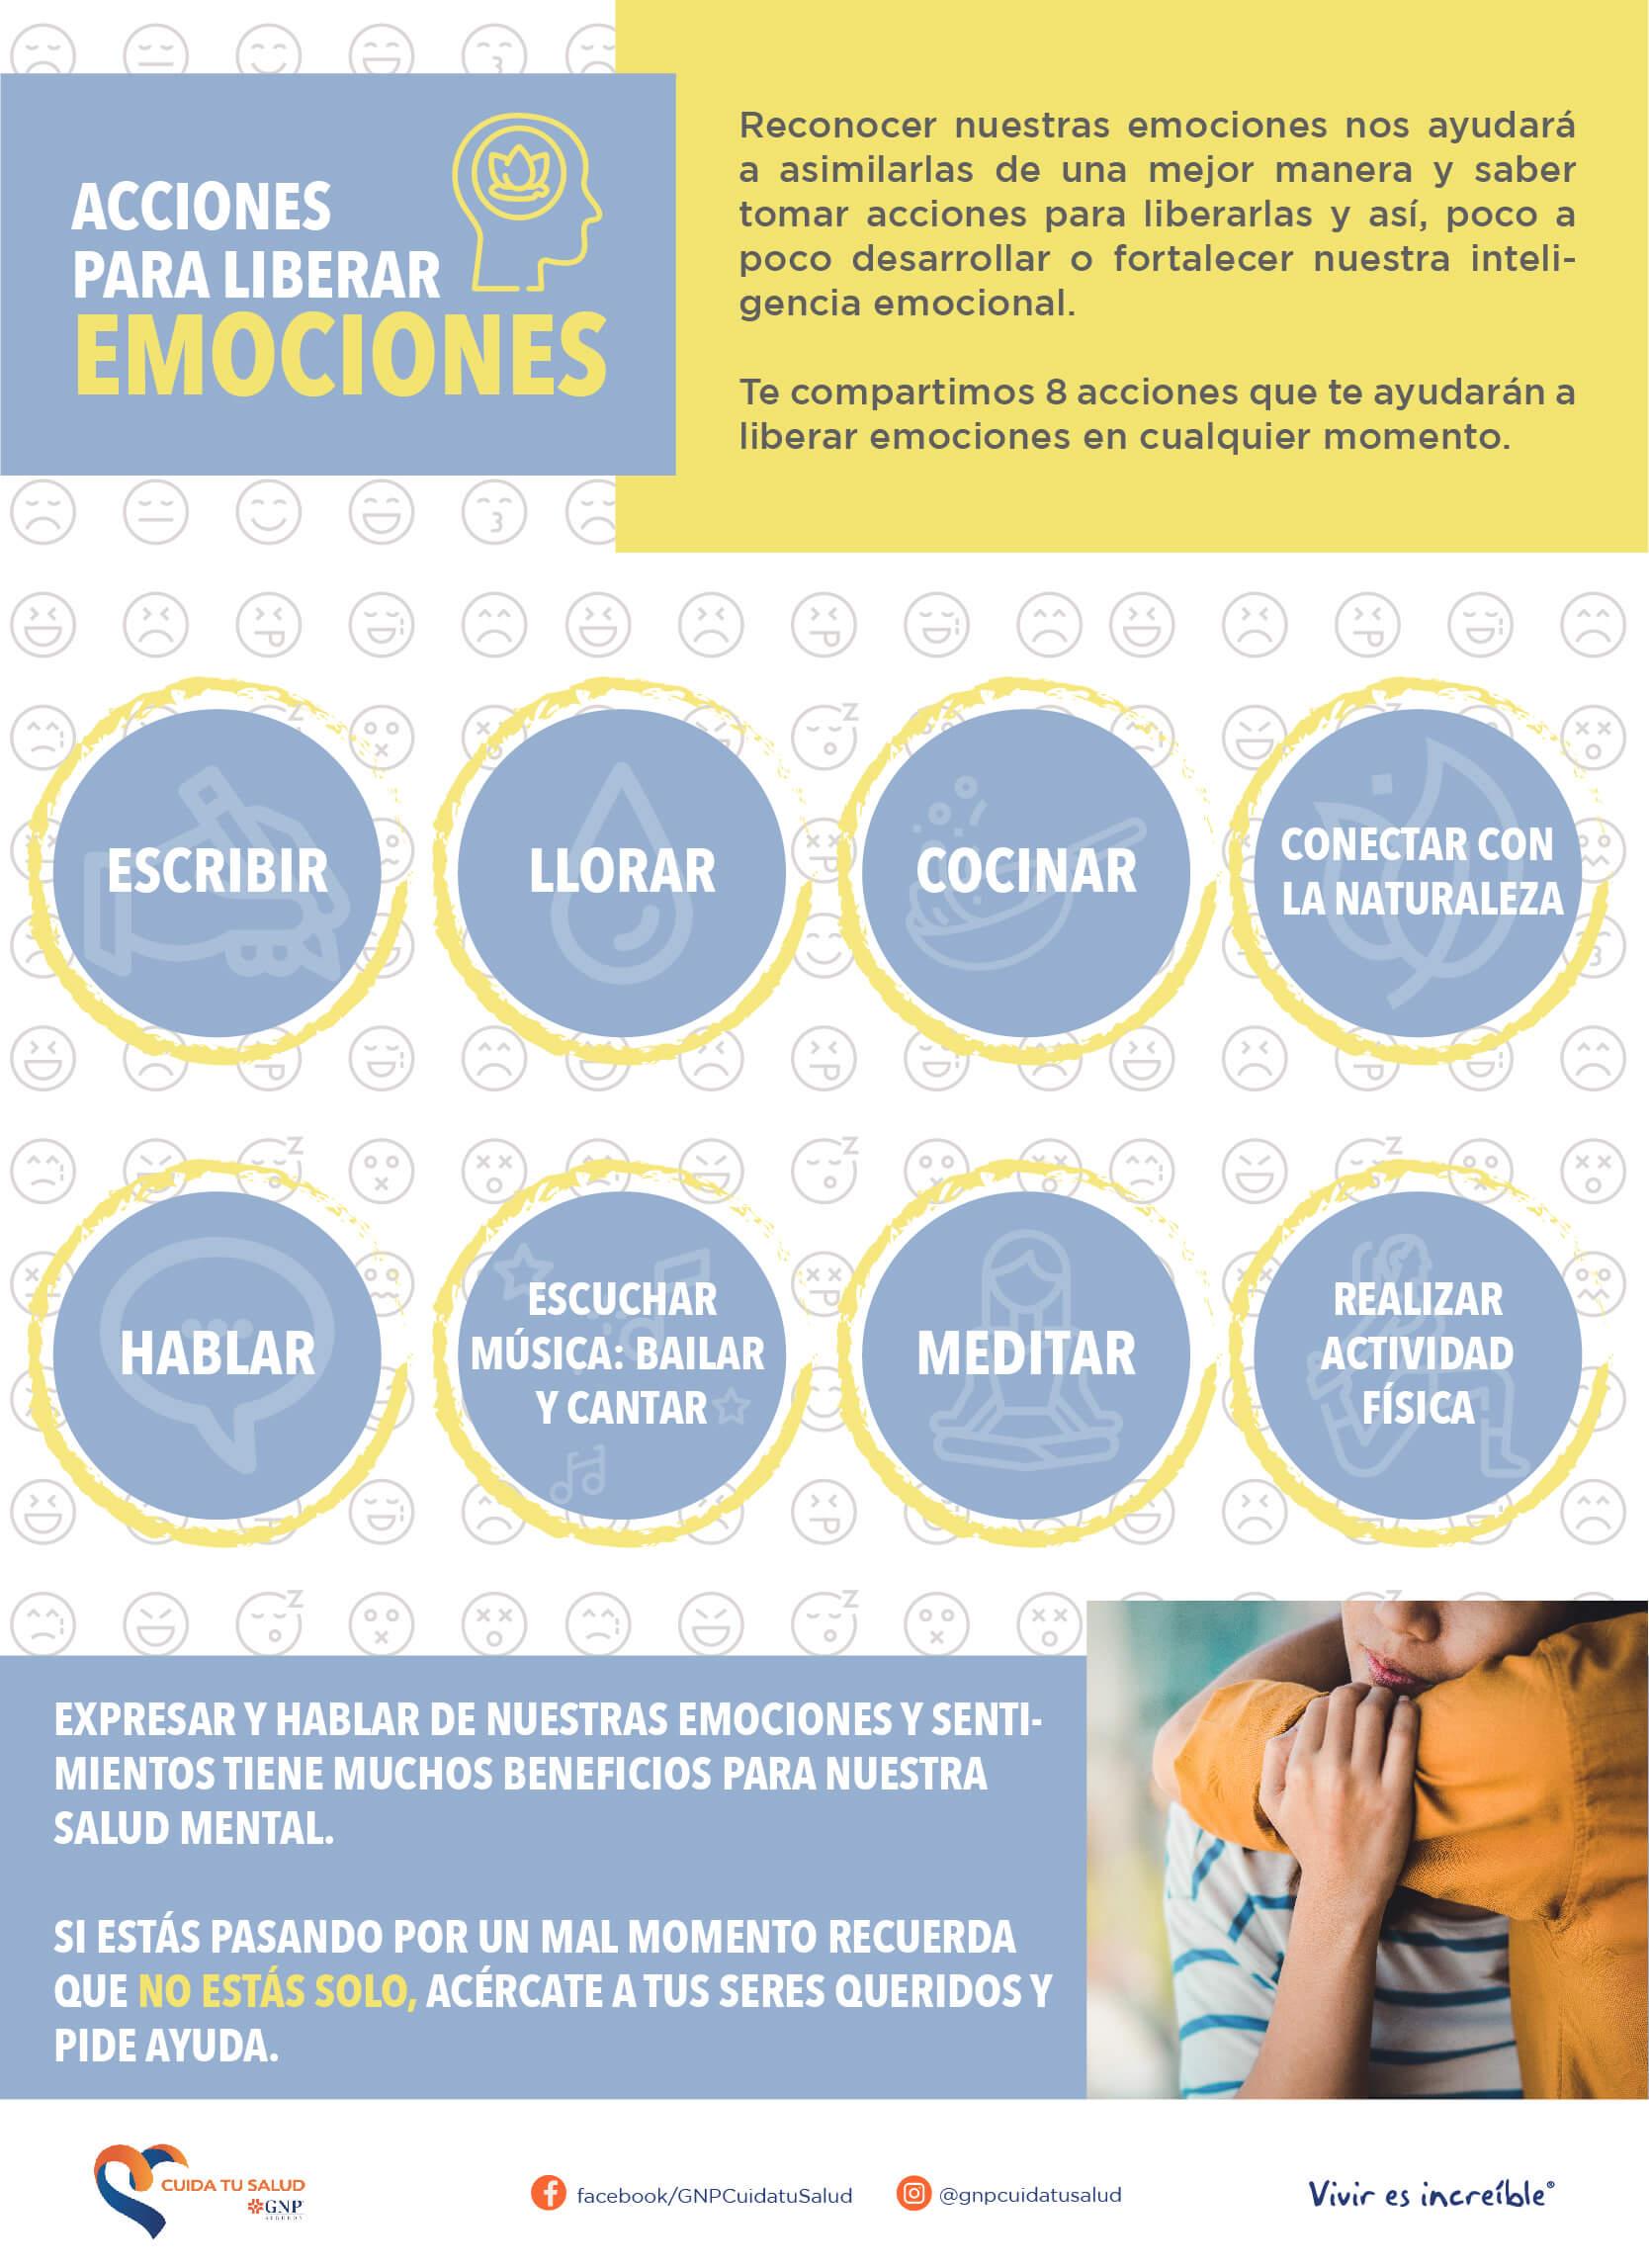 Acciones para liberar emociones